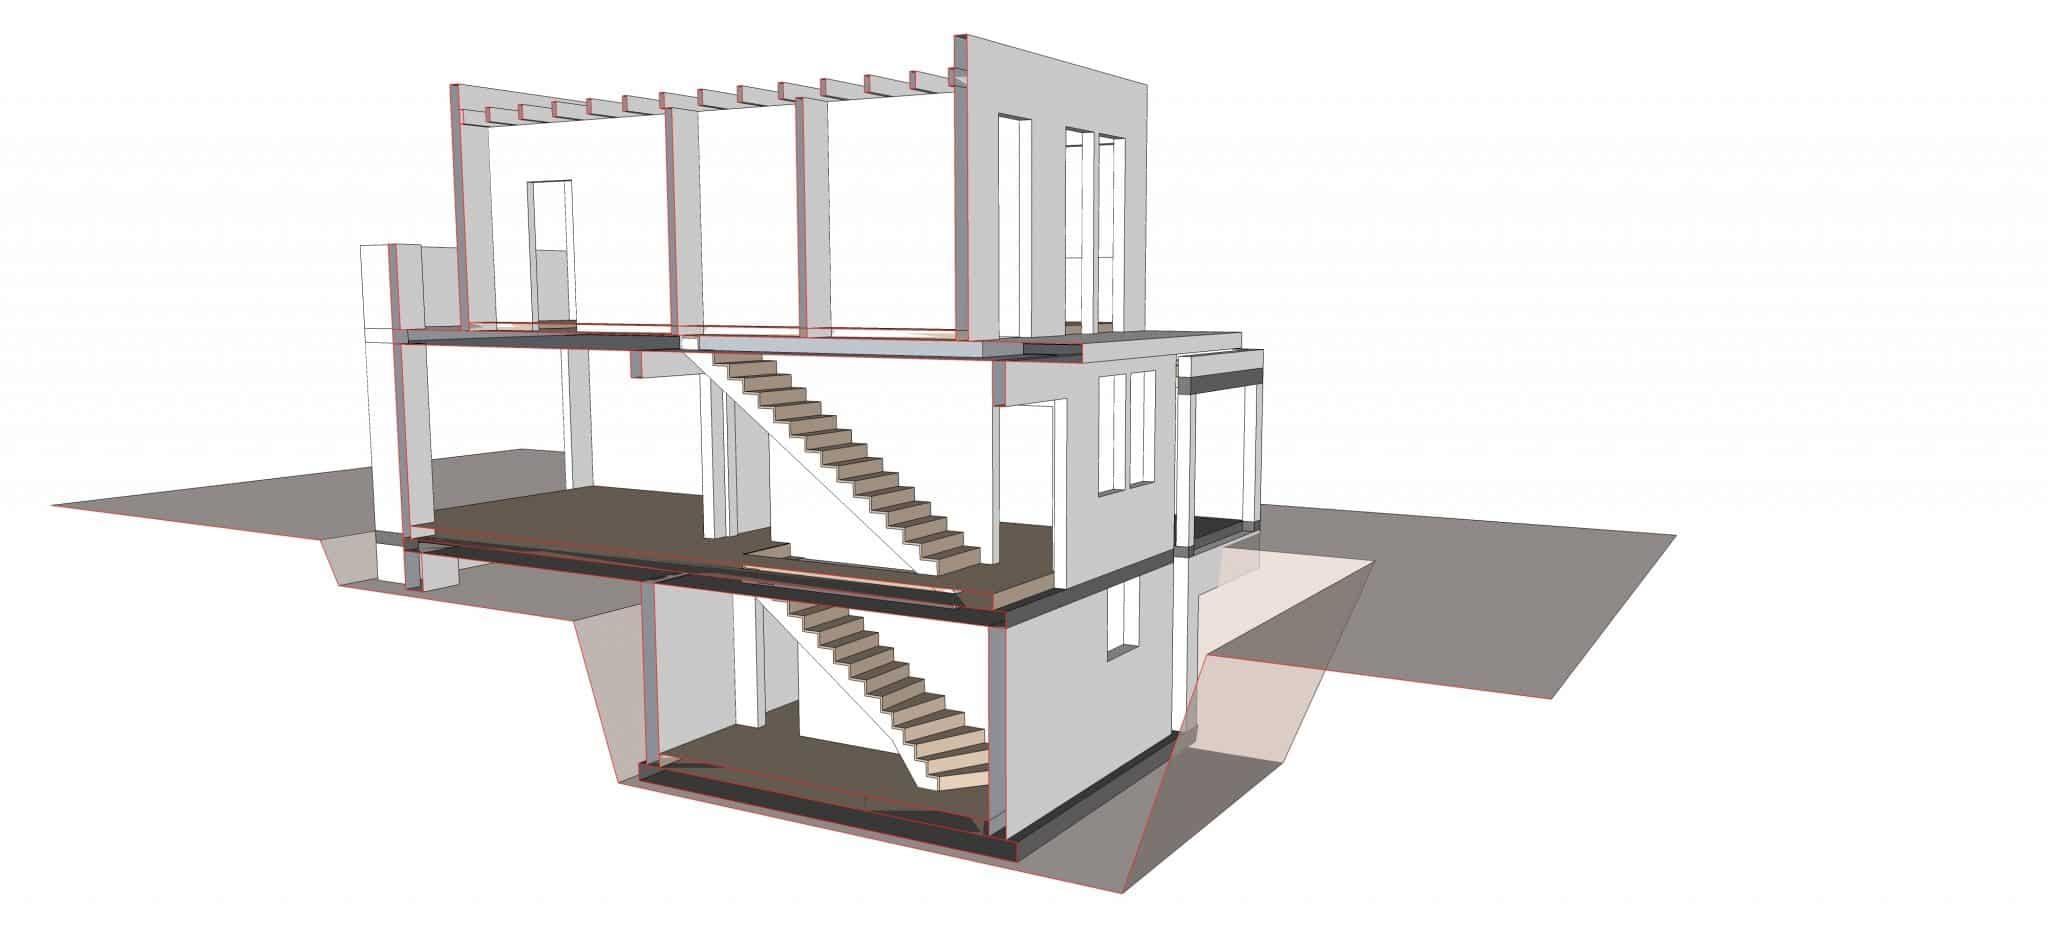 architekturb ro k ln architektin aknw lubov schopow einfamilienhaus kerpen s visualisierung. Black Bedroom Furniture Sets. Home Design Ideas